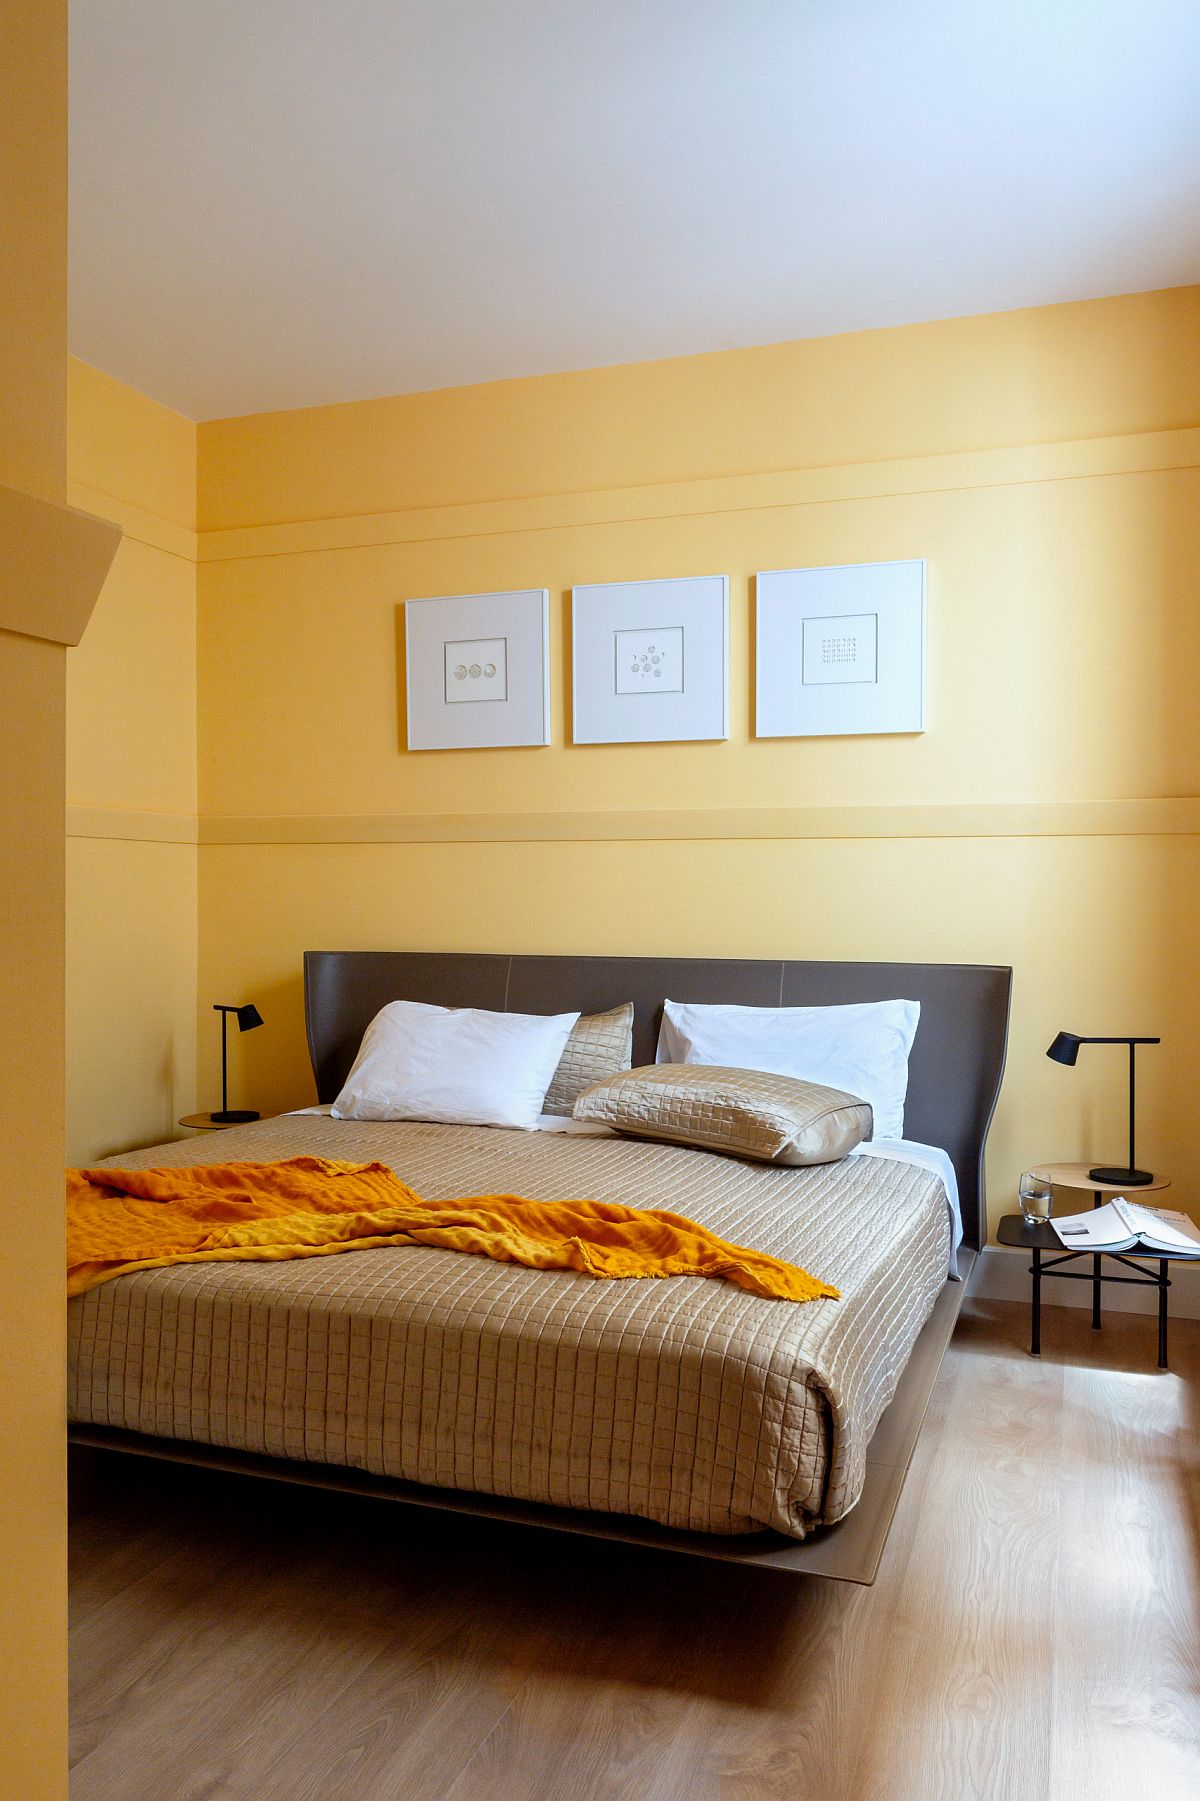 Phòng ngủ hiện đại màu trắng và vàng với sàn gỗ